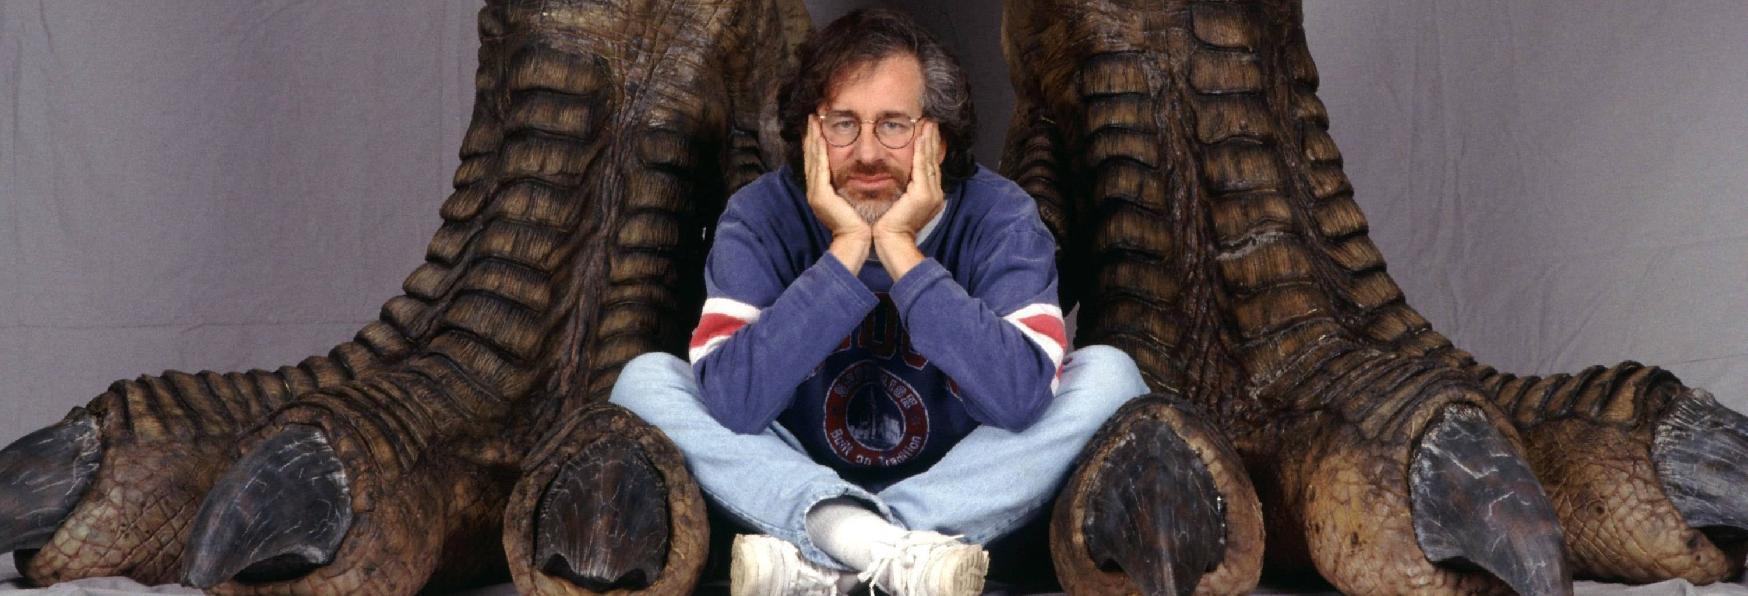 Steven Spielberg starebbe scrivendo una nuova Serie TV per la Piattaforma Quibi